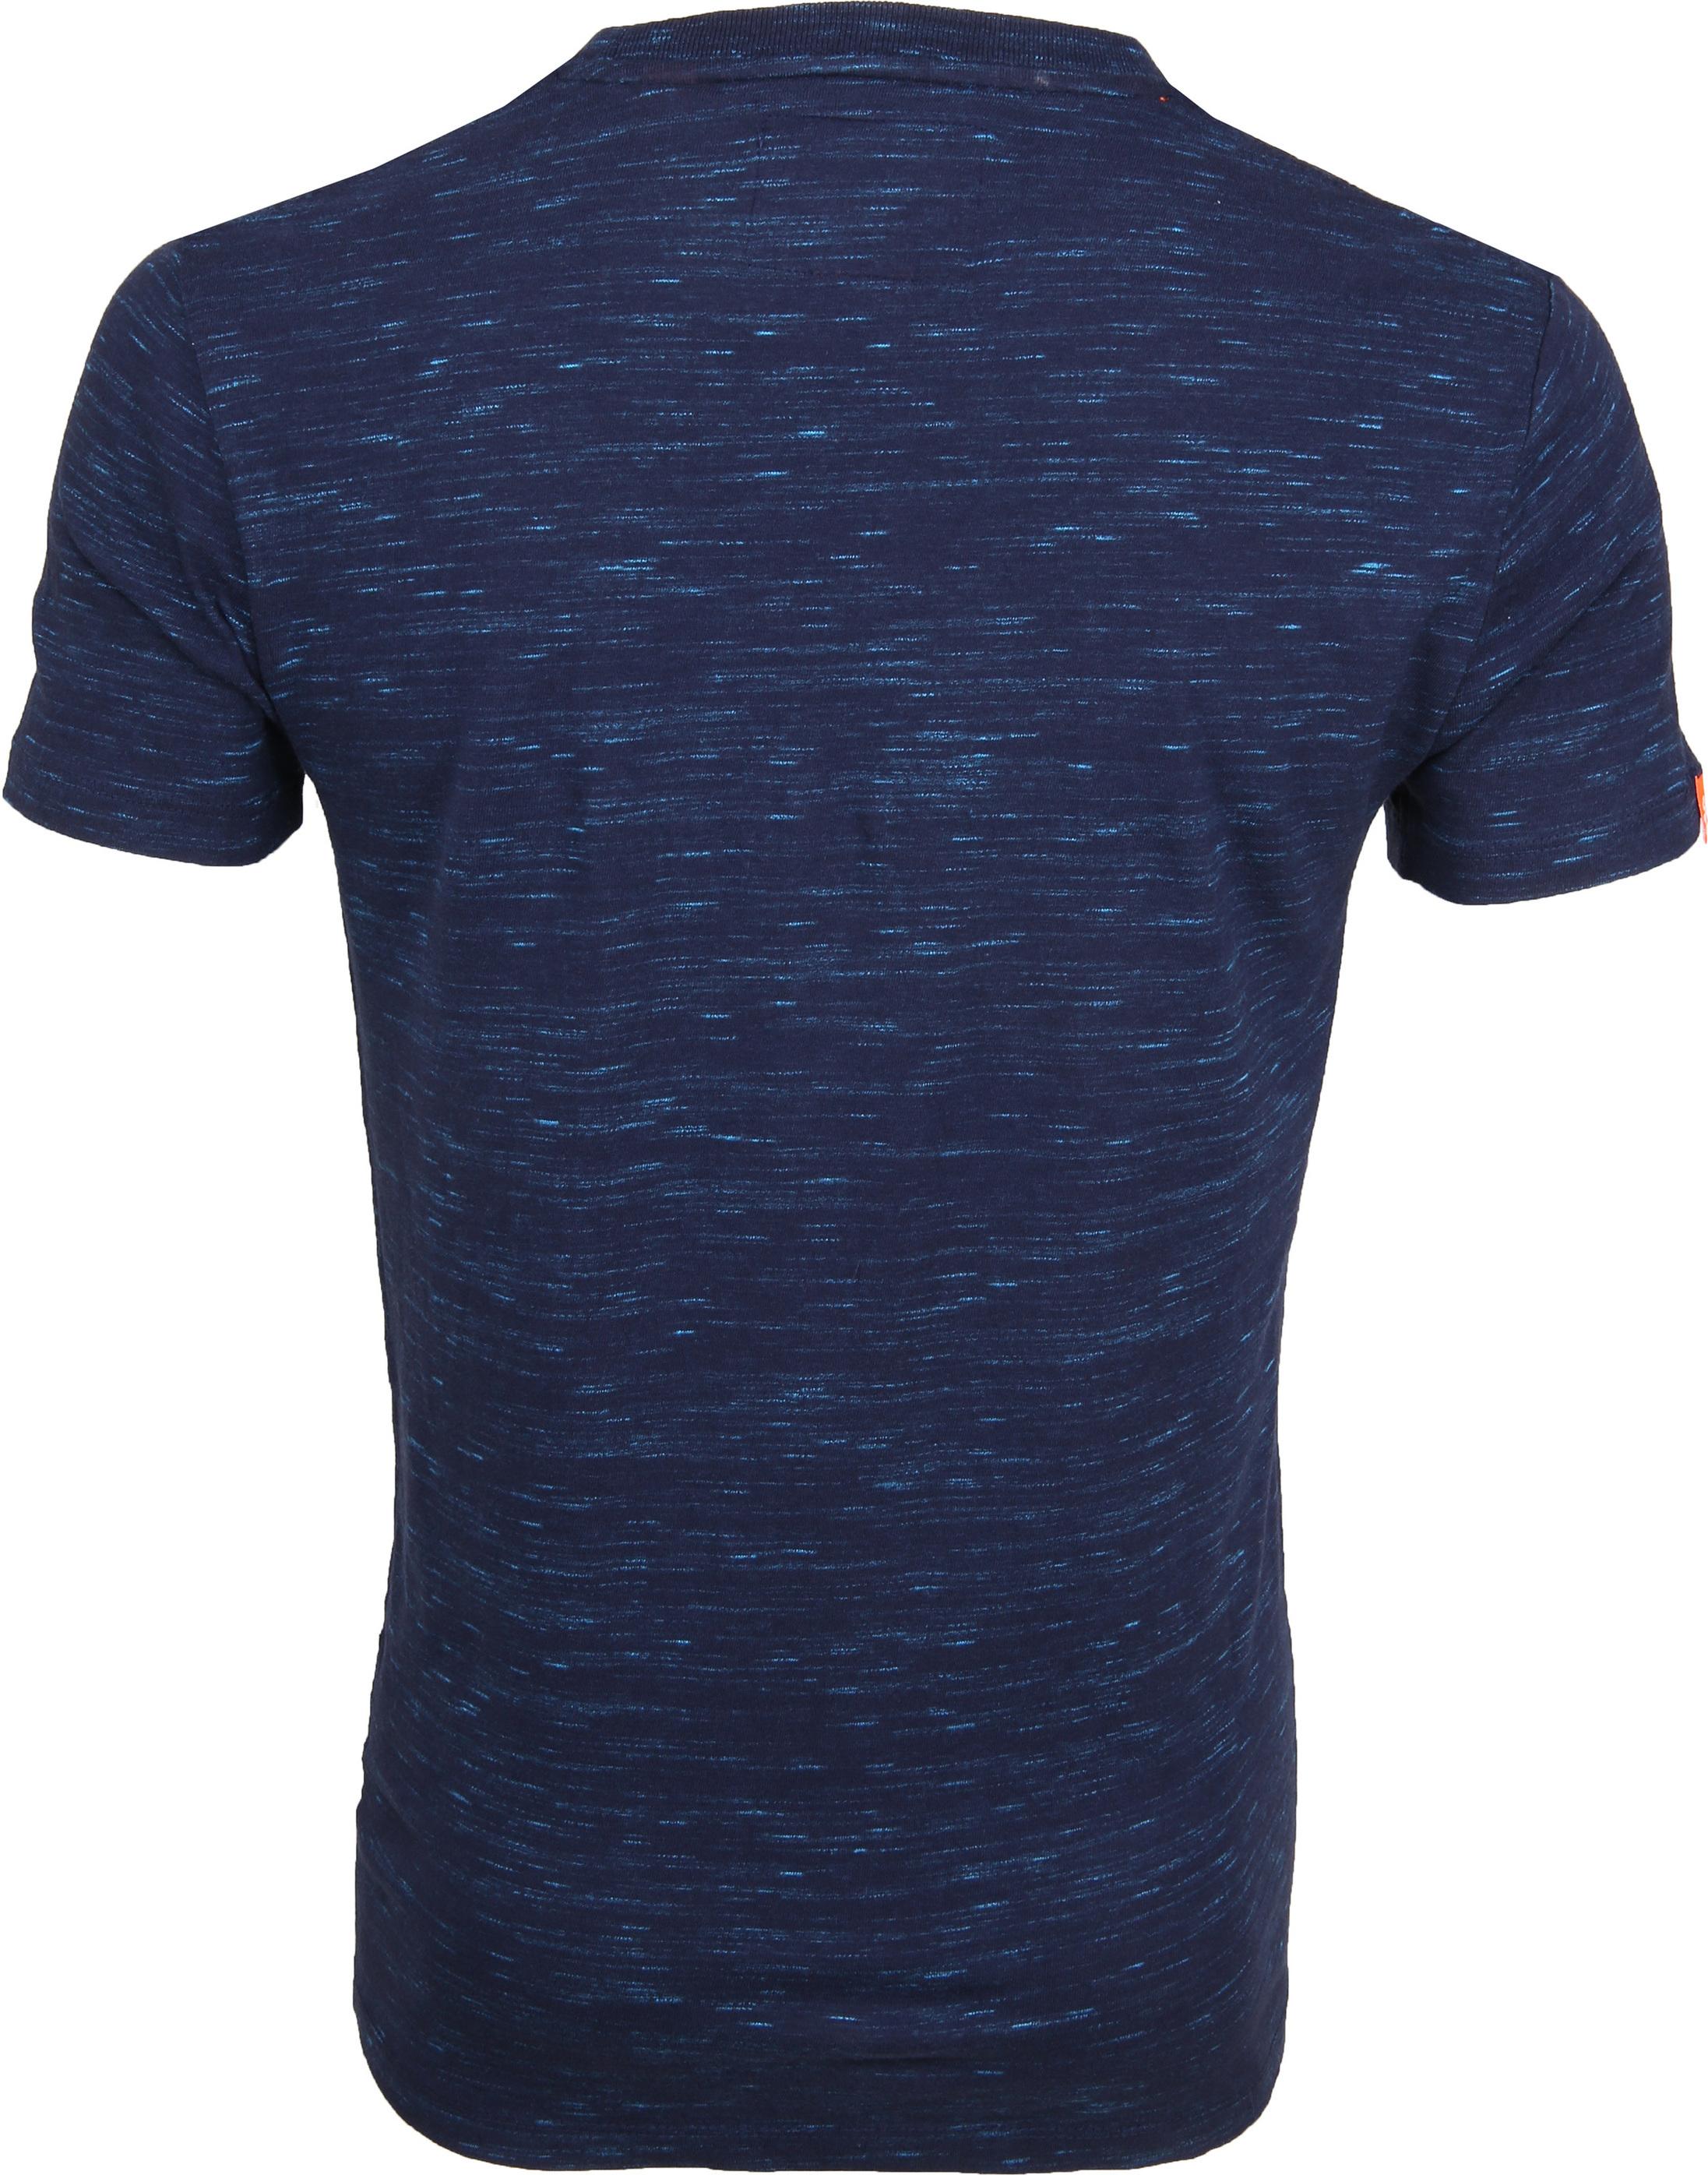 Superdry T-Shirt Navy Melange foto 3